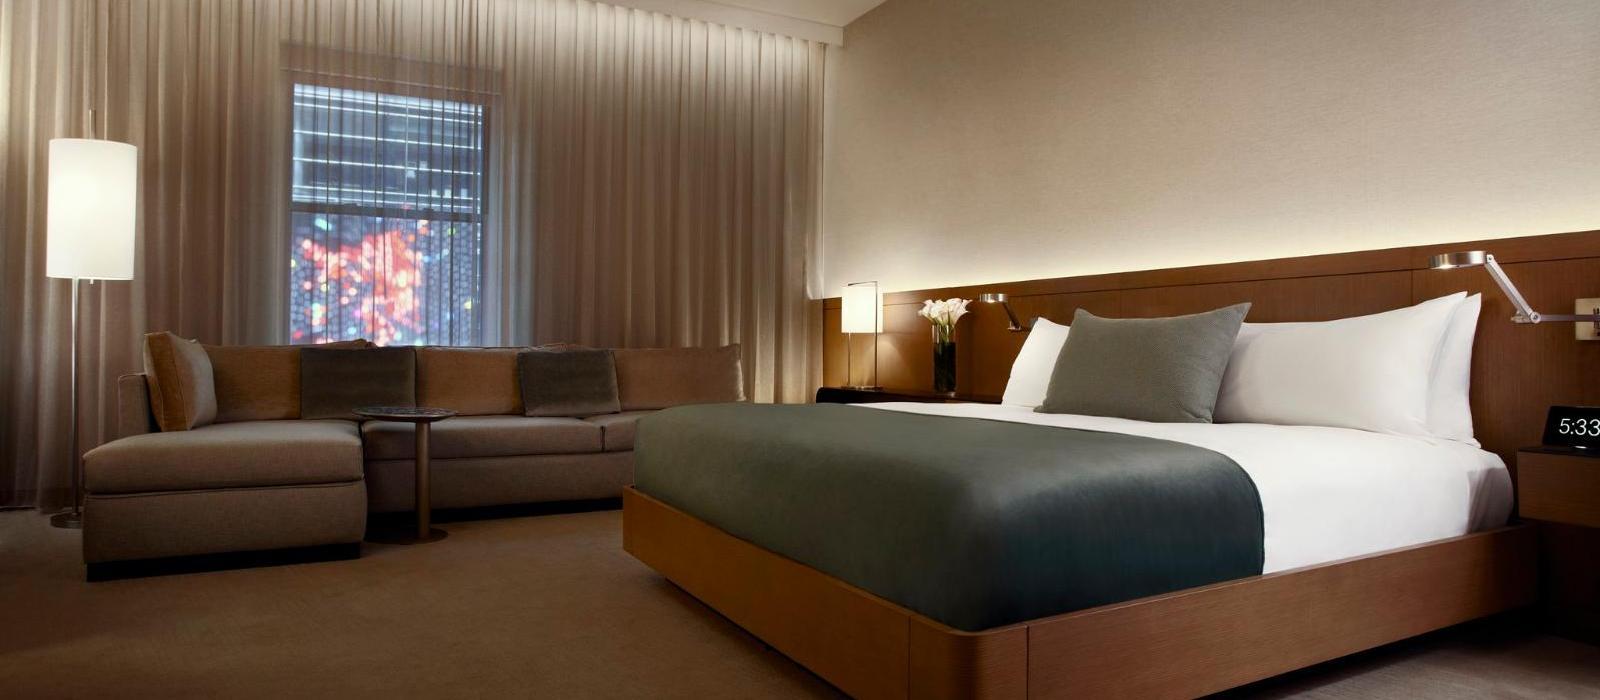 纽约旎博酒店(The Knickerbocker) 图片  www.lhw.cn